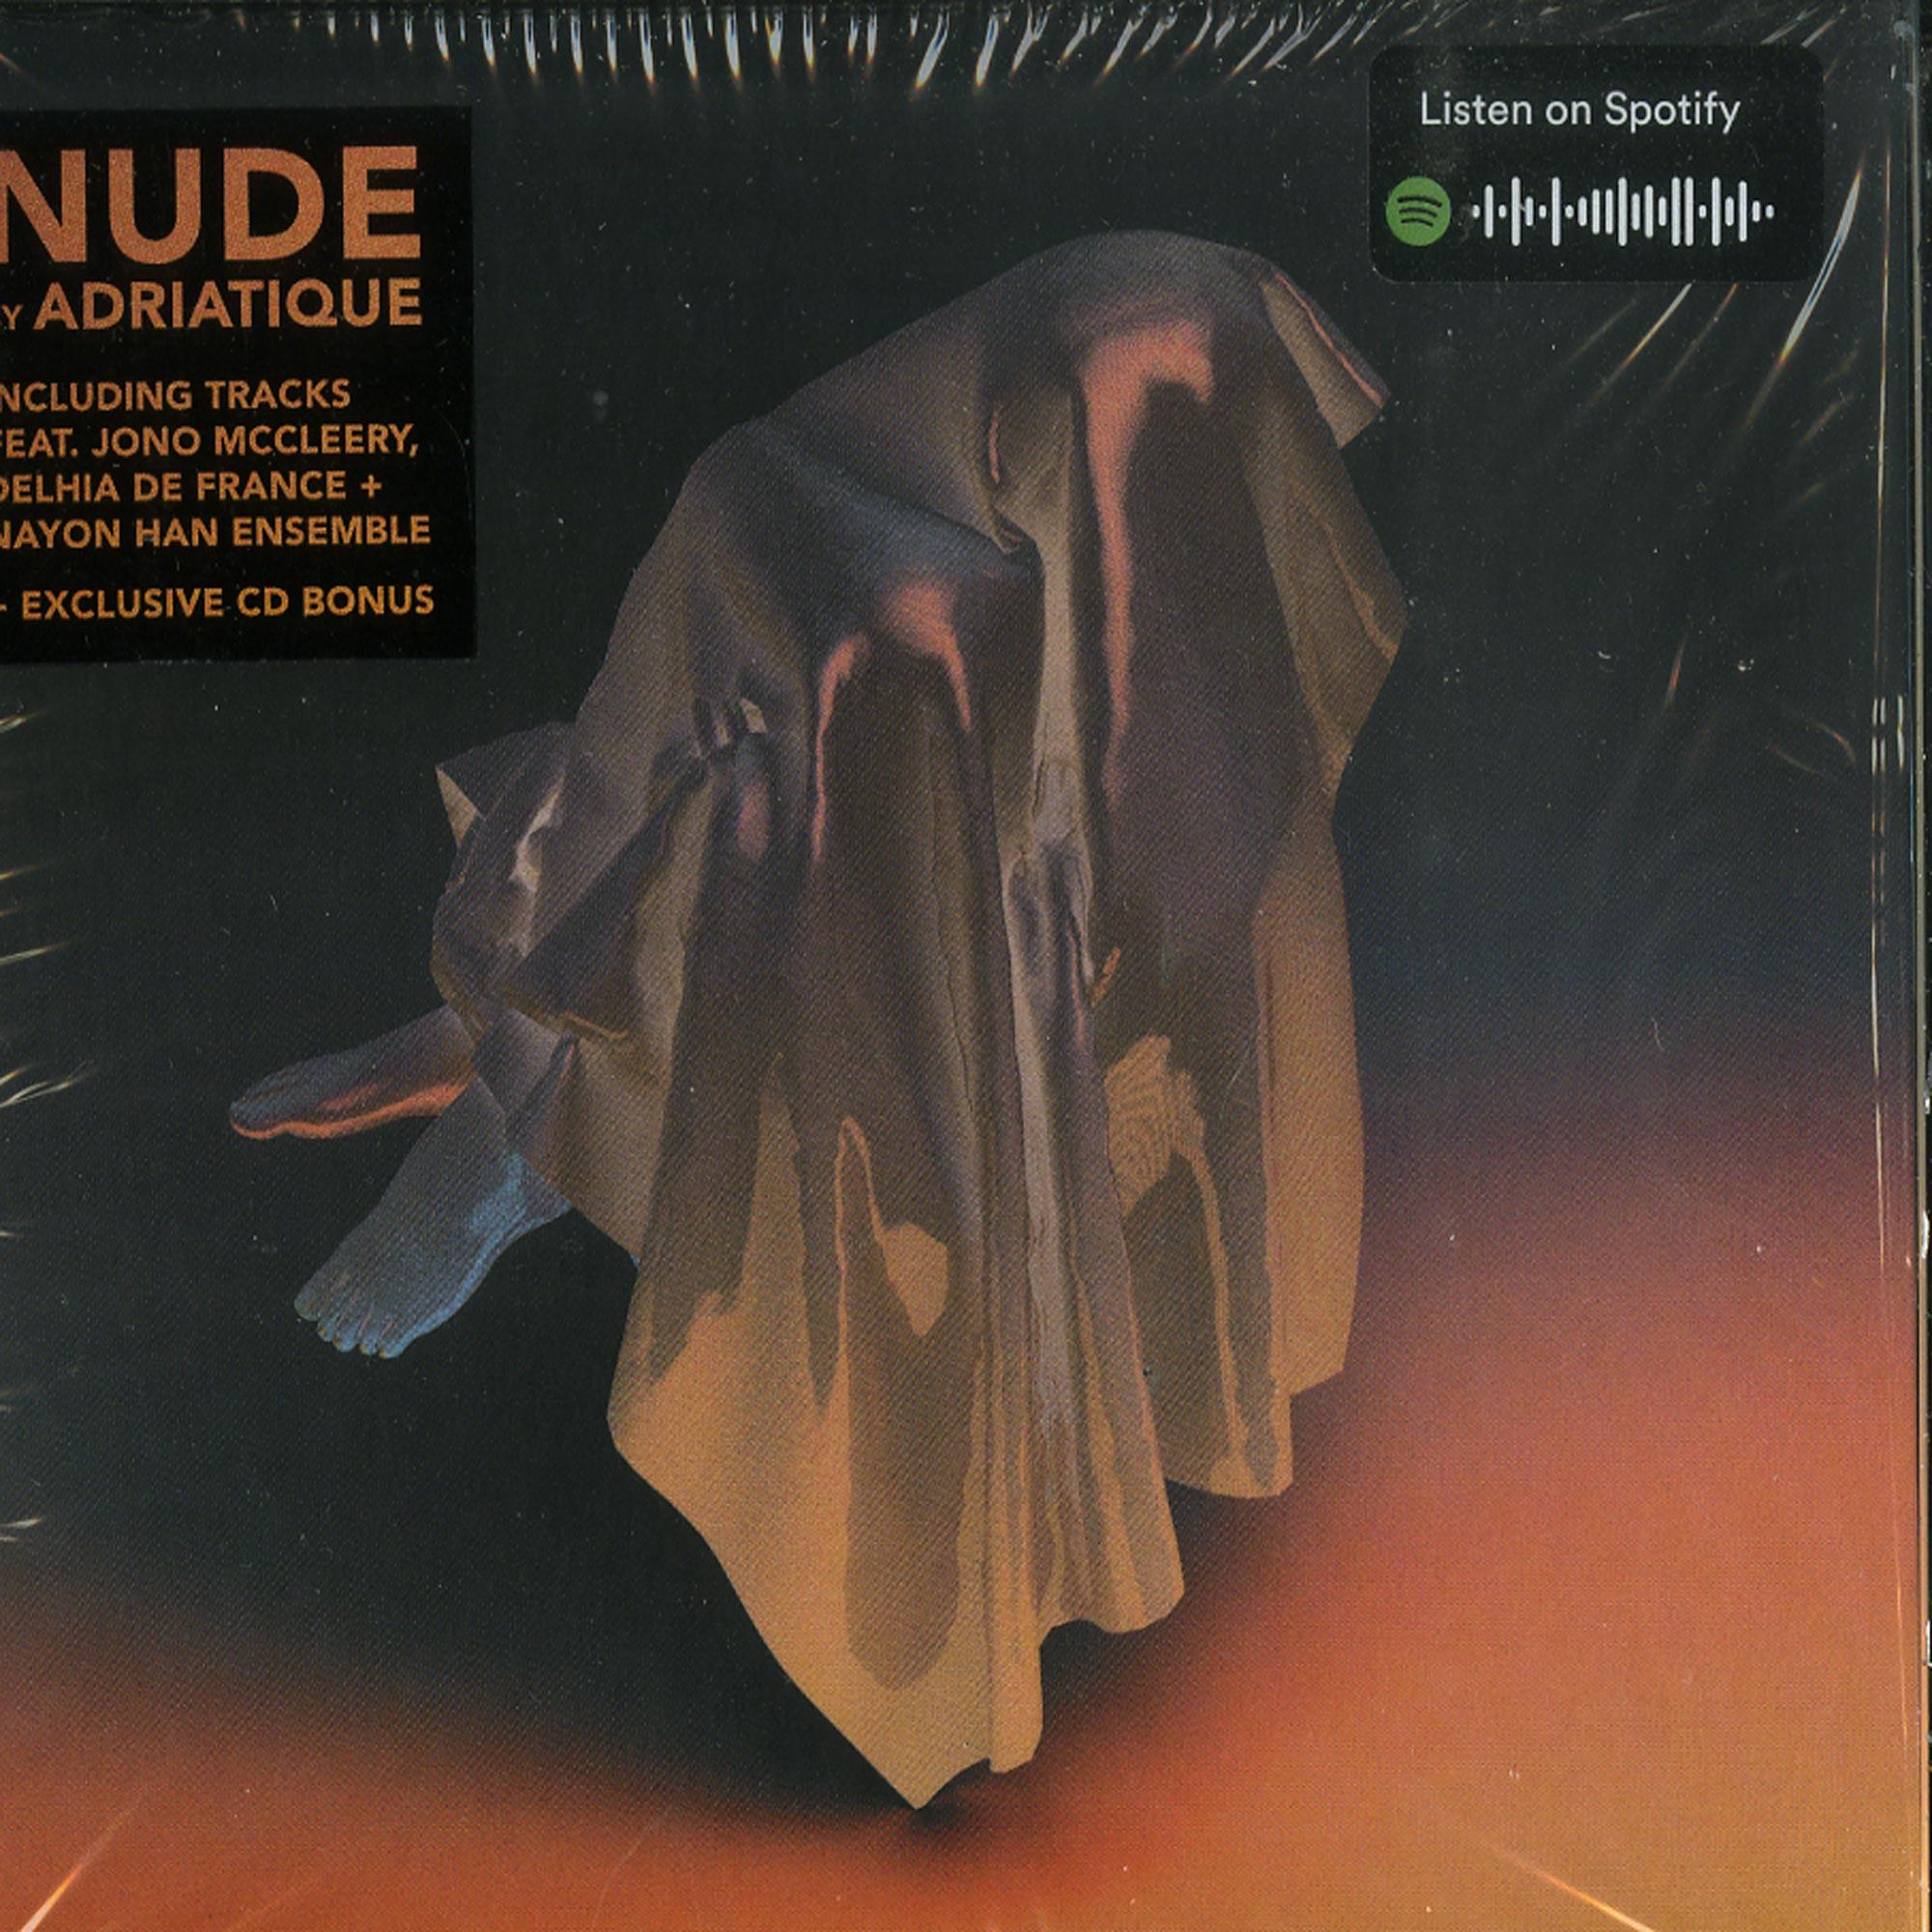 Adriatique - NUDE